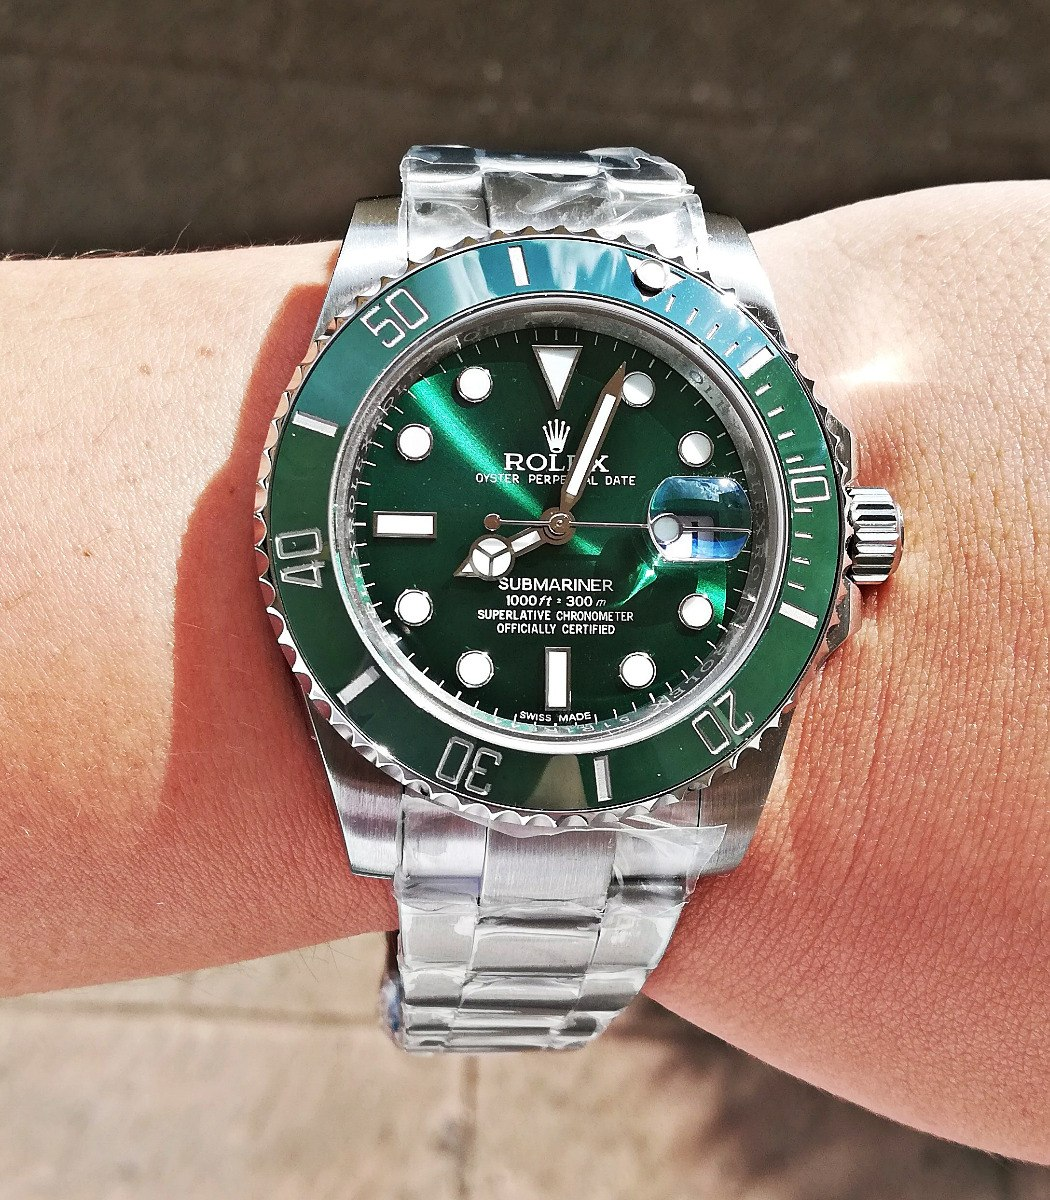 Rolex Cristal Automatic Reloj Submariner Verde Hulk Zafiro lT1KJFc3